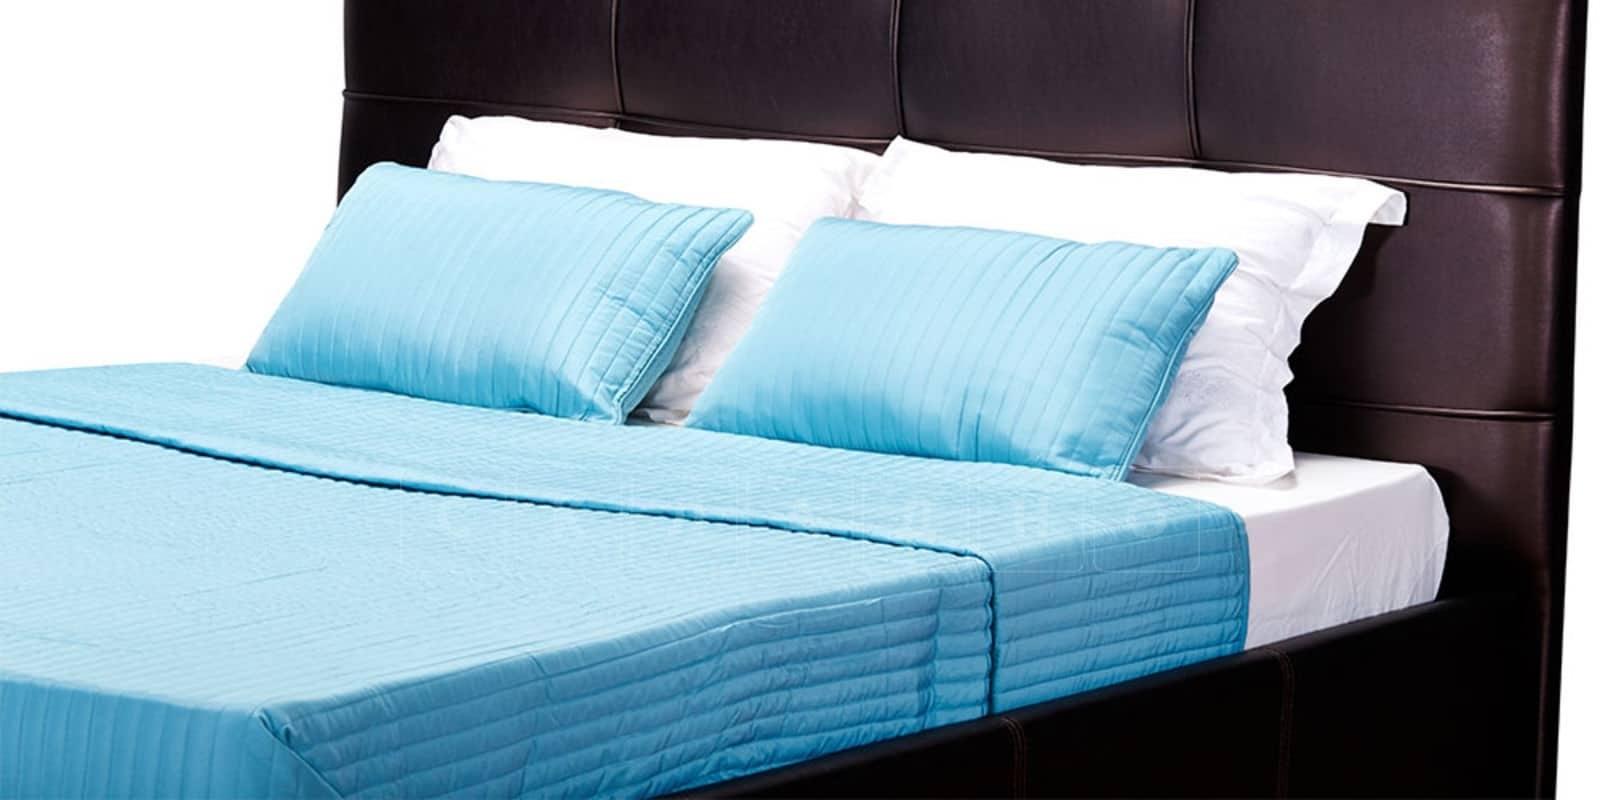 Мягкая кровать Лайф 160см шоколад без подъемного механизма фото 7 | интернет-магазин Складно